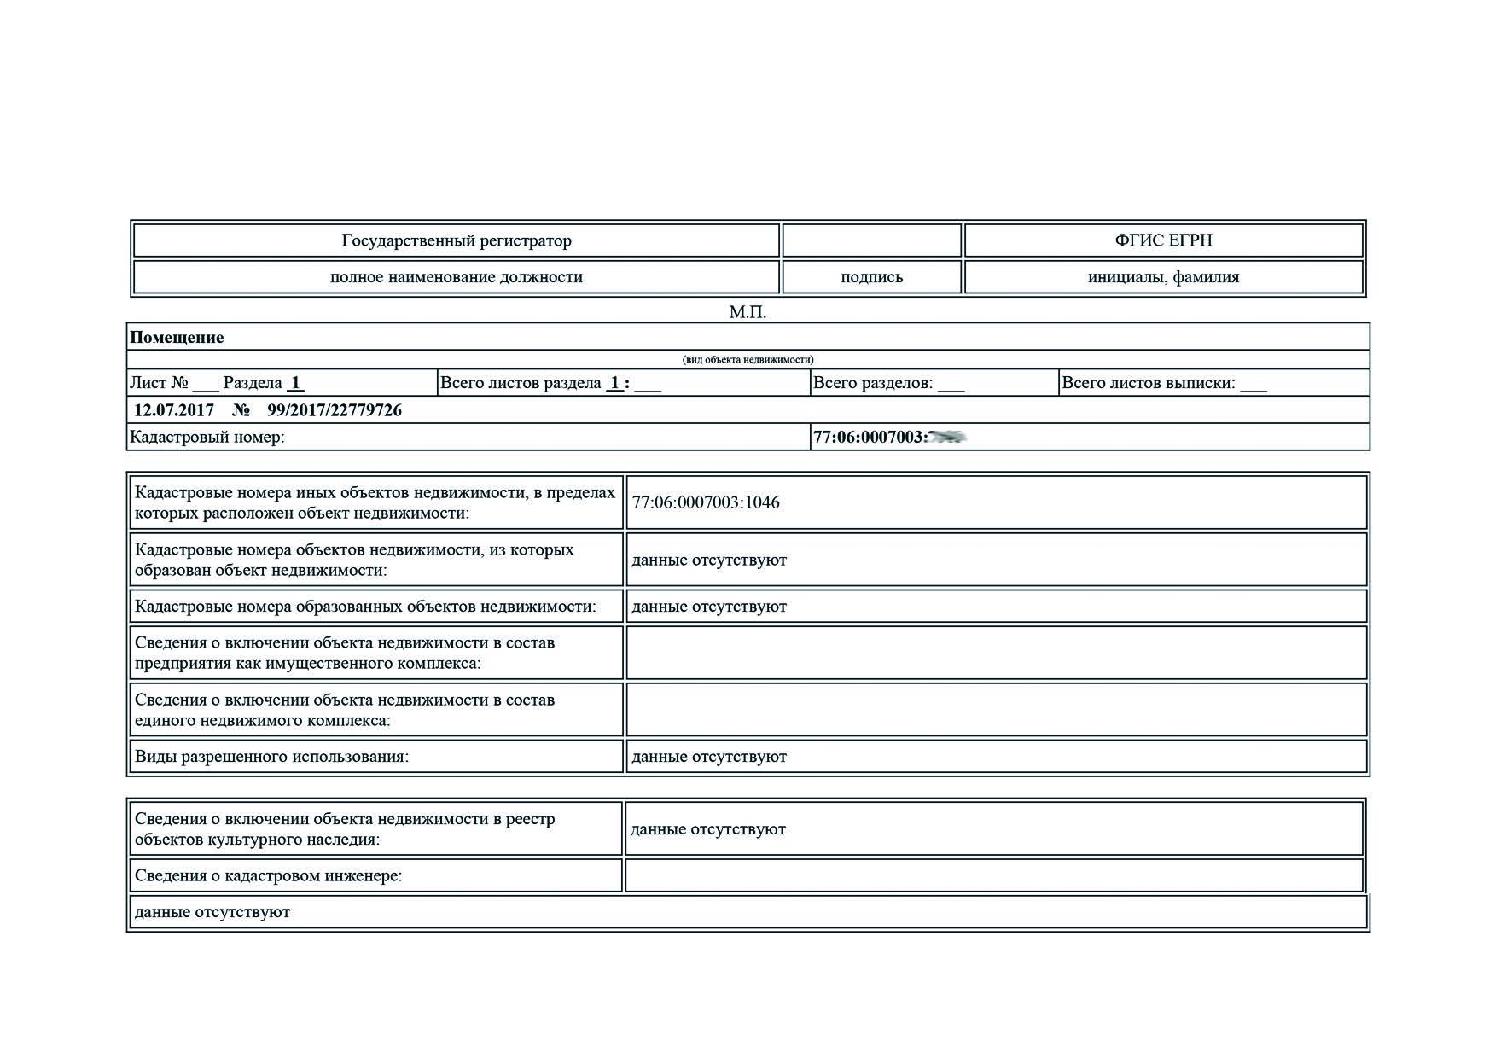 Как получить сведения из единого реестра субъектов мсп.